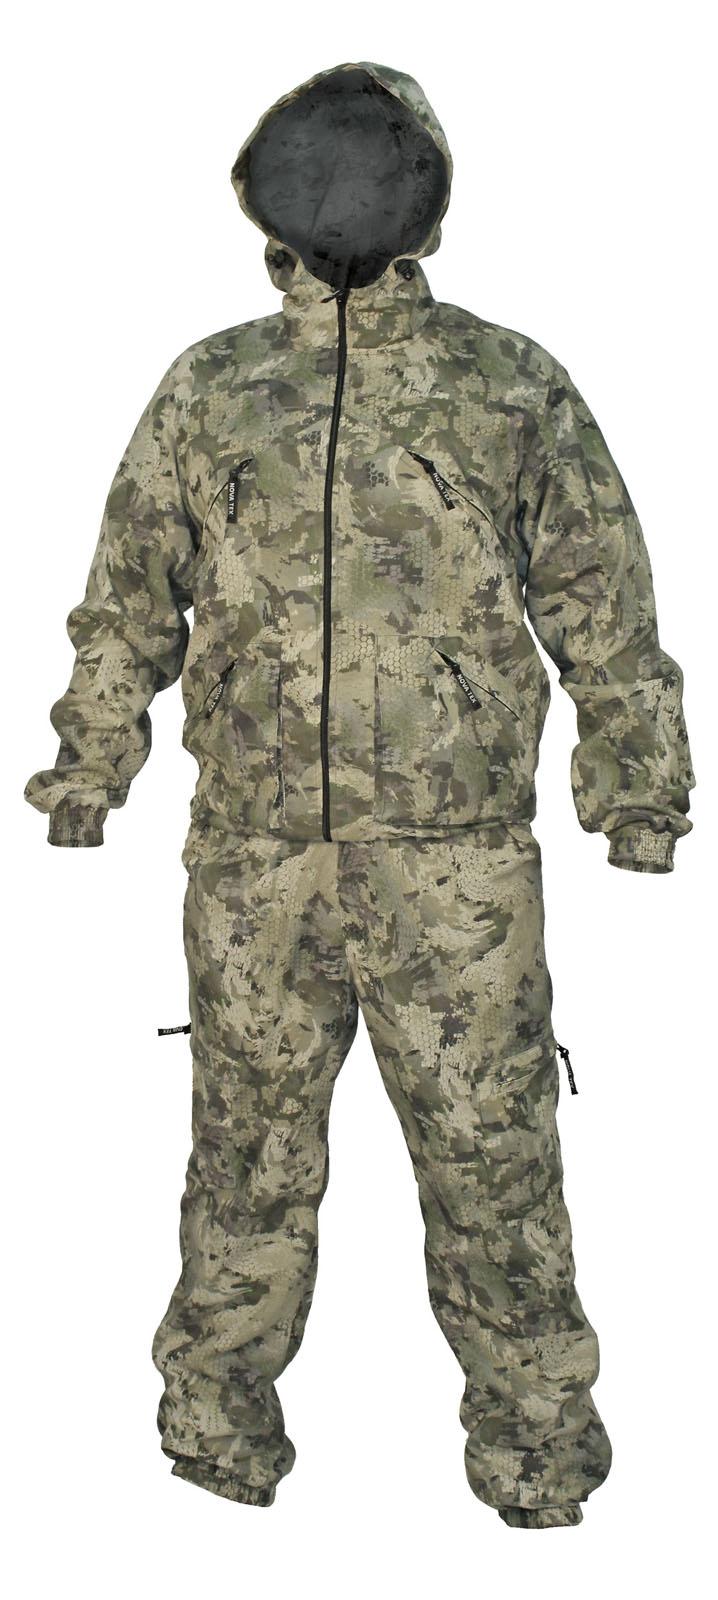 Костюм мужской Рысь (смесовая, св. соты Костюмы неутепленные<br>Летний универсальный костюм (ТМ «Квест») <br>от компании Novatex. Удобный и функциональный <br>прекрасно подойдет для всех любителей активного <br>образа жизни. Состоит из короткой куртки <br>с капюшоном и прямых брюк, низ куртки и брюк <br>собраны на резинку. Смесовая ткань позволяет <br>костюму быть практичным и удобным в эксплуатации. <br>Костюм «Рысь» пользуется популярностью <br>как у любителей активного отдыха, так и <br>как надежный рабочий костюм.<br><br>Пол: мужской<br>Размер: 48-50<br>Рост: 170-176<br>Сезон: лето<br>Материал: текстиль